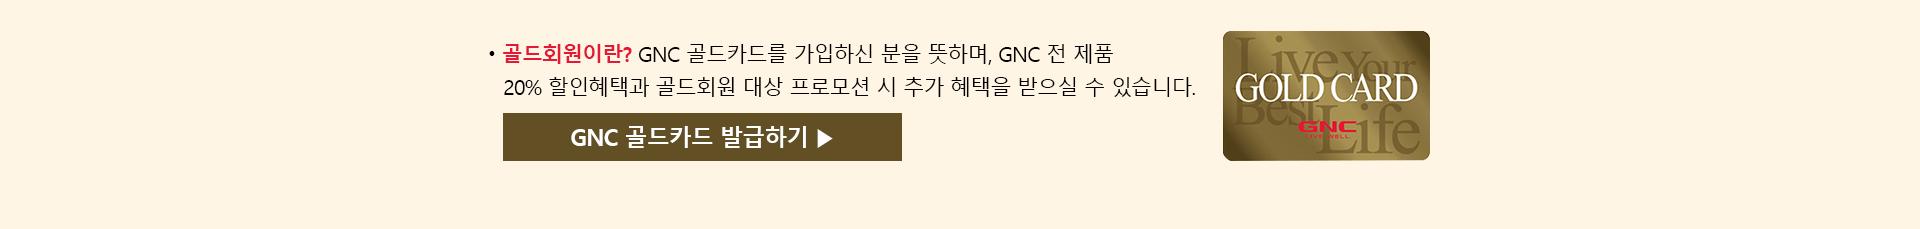 * 골드회원이란? GNC 골드카드를 가입하신 분을 뜻하며, GNC 전 제품 20% 할인혜택과 골드회원 대상 프로모션 시 추가 혜택을 받으실 수 있습니다.? GNC 골드카드 발급하기